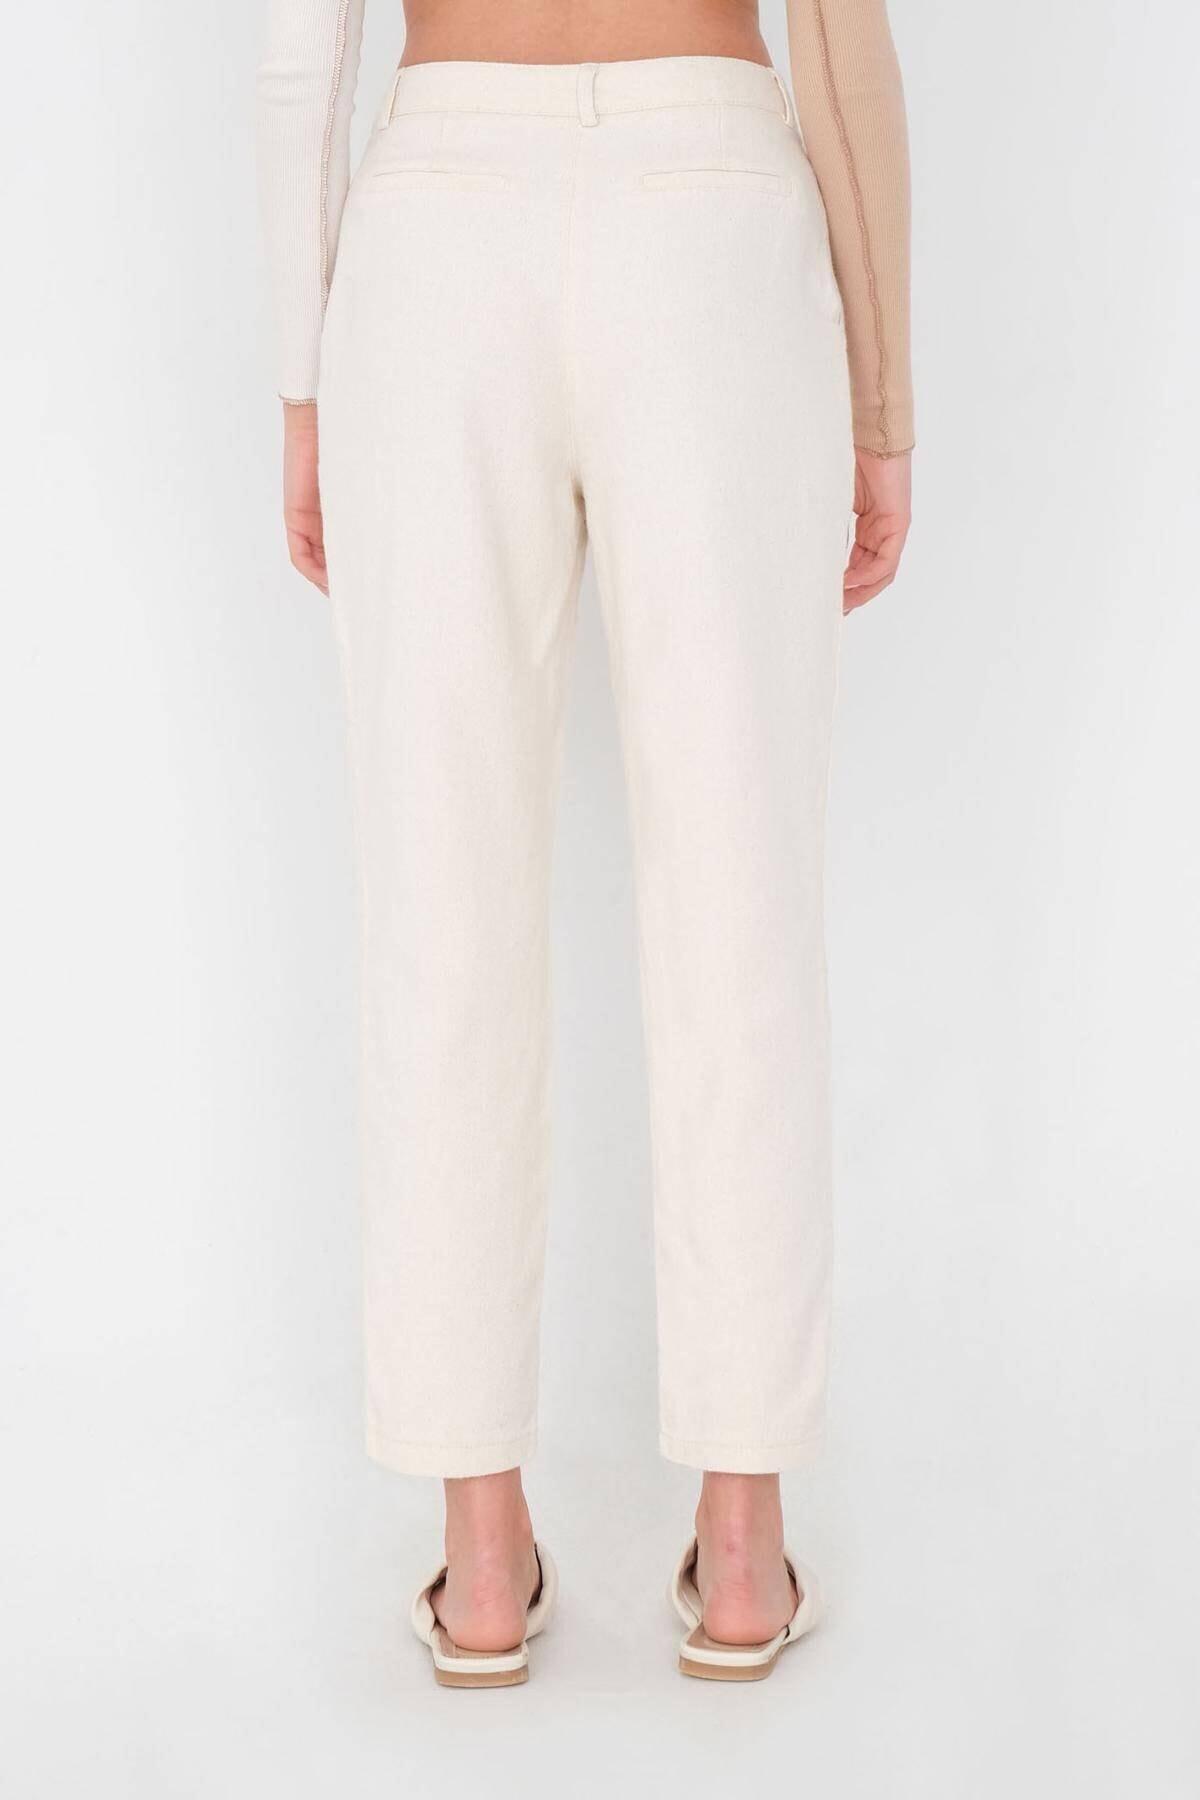 Addax Kadın Taş Cep Detaylı Pantolon Pn03-0045 - K12 Adx-0000024274 4